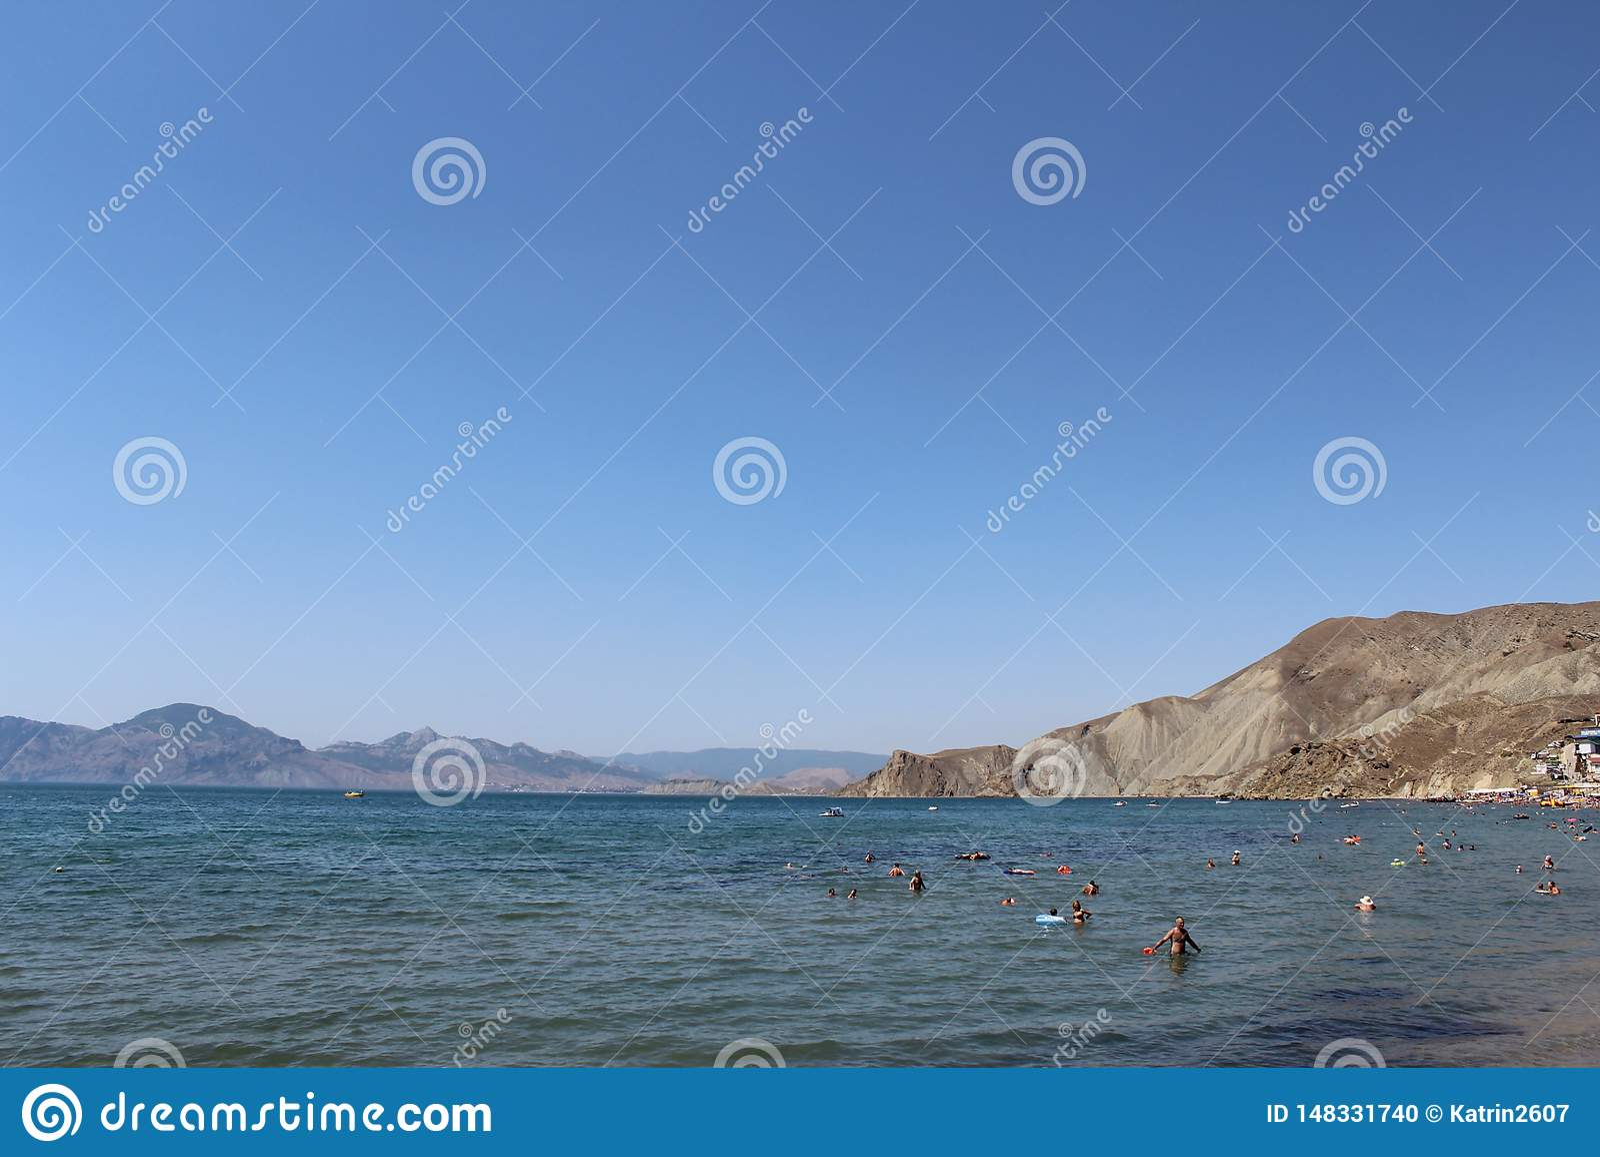 Leute entspannen sich auf dem Meer in Krim